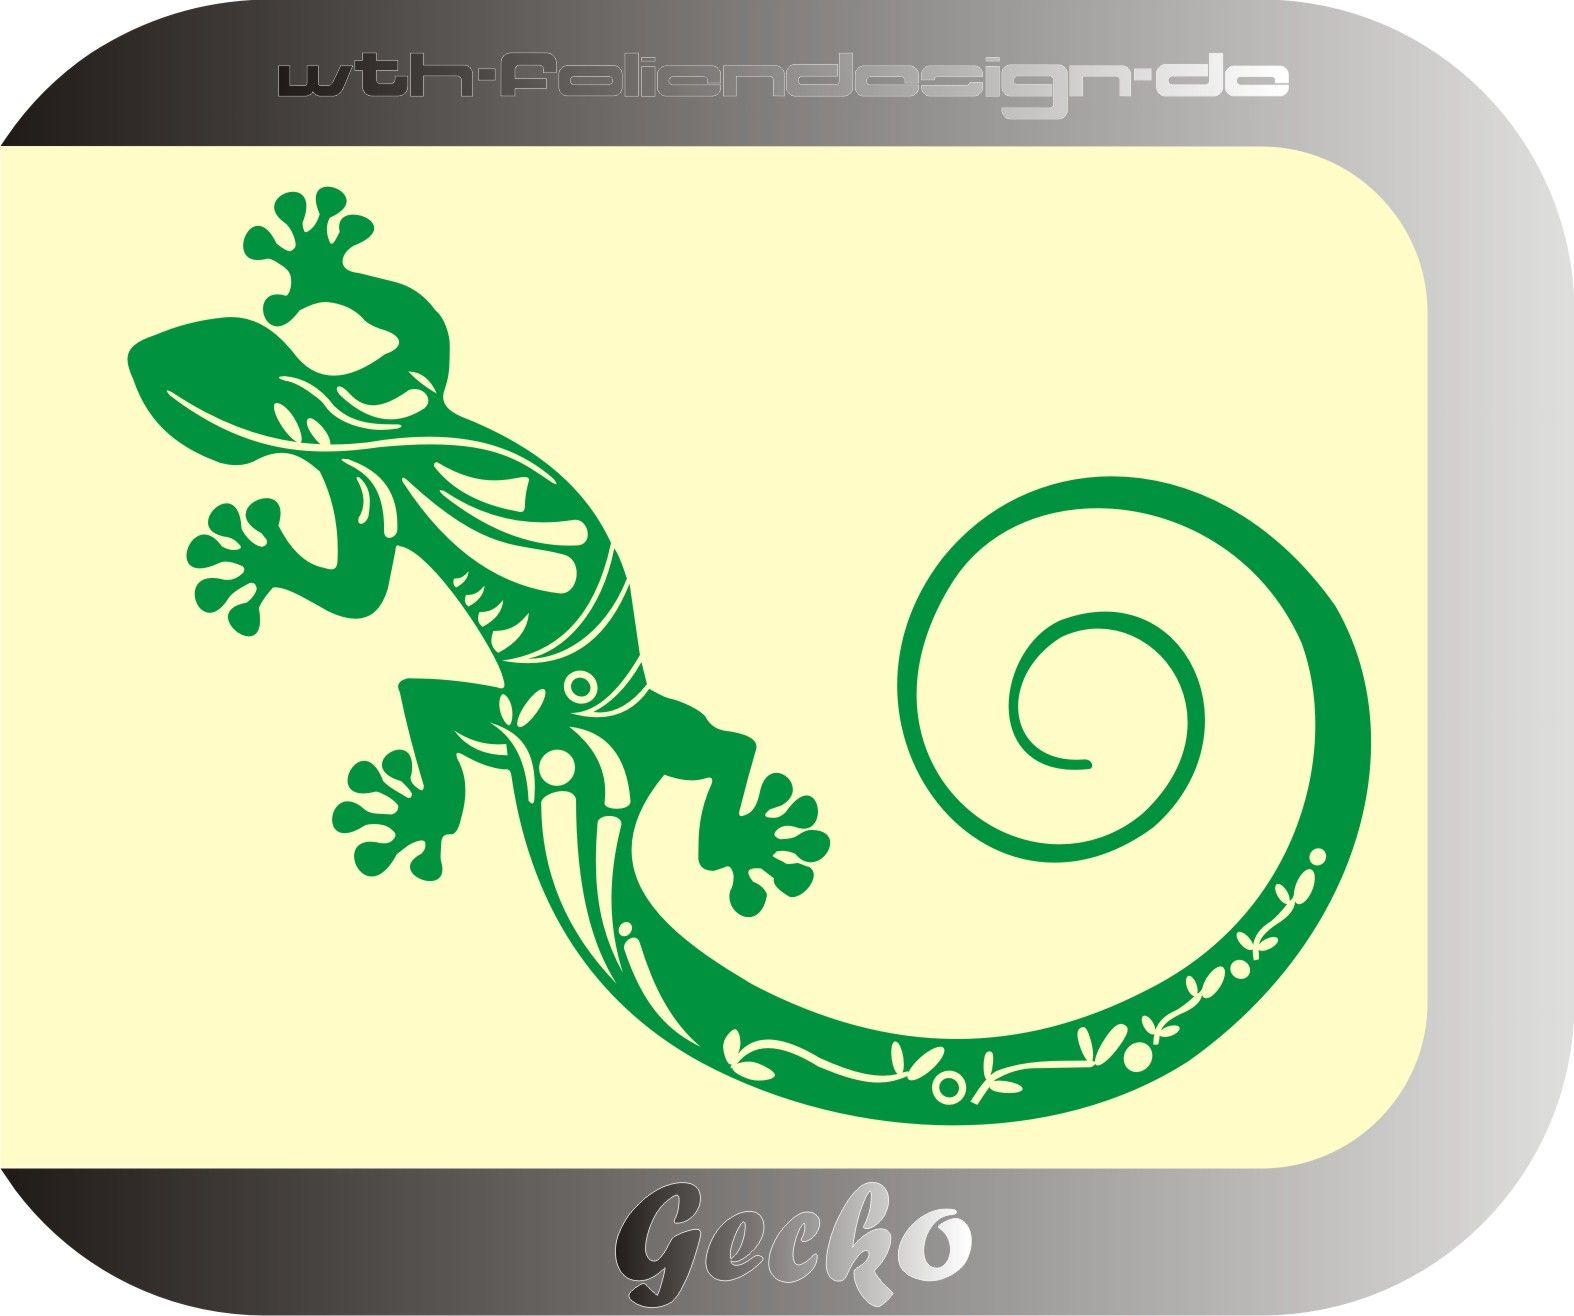 Piercing clip art  Gecko Echse Tattoos Page   Tattoo idea  Pinterest  Geckos